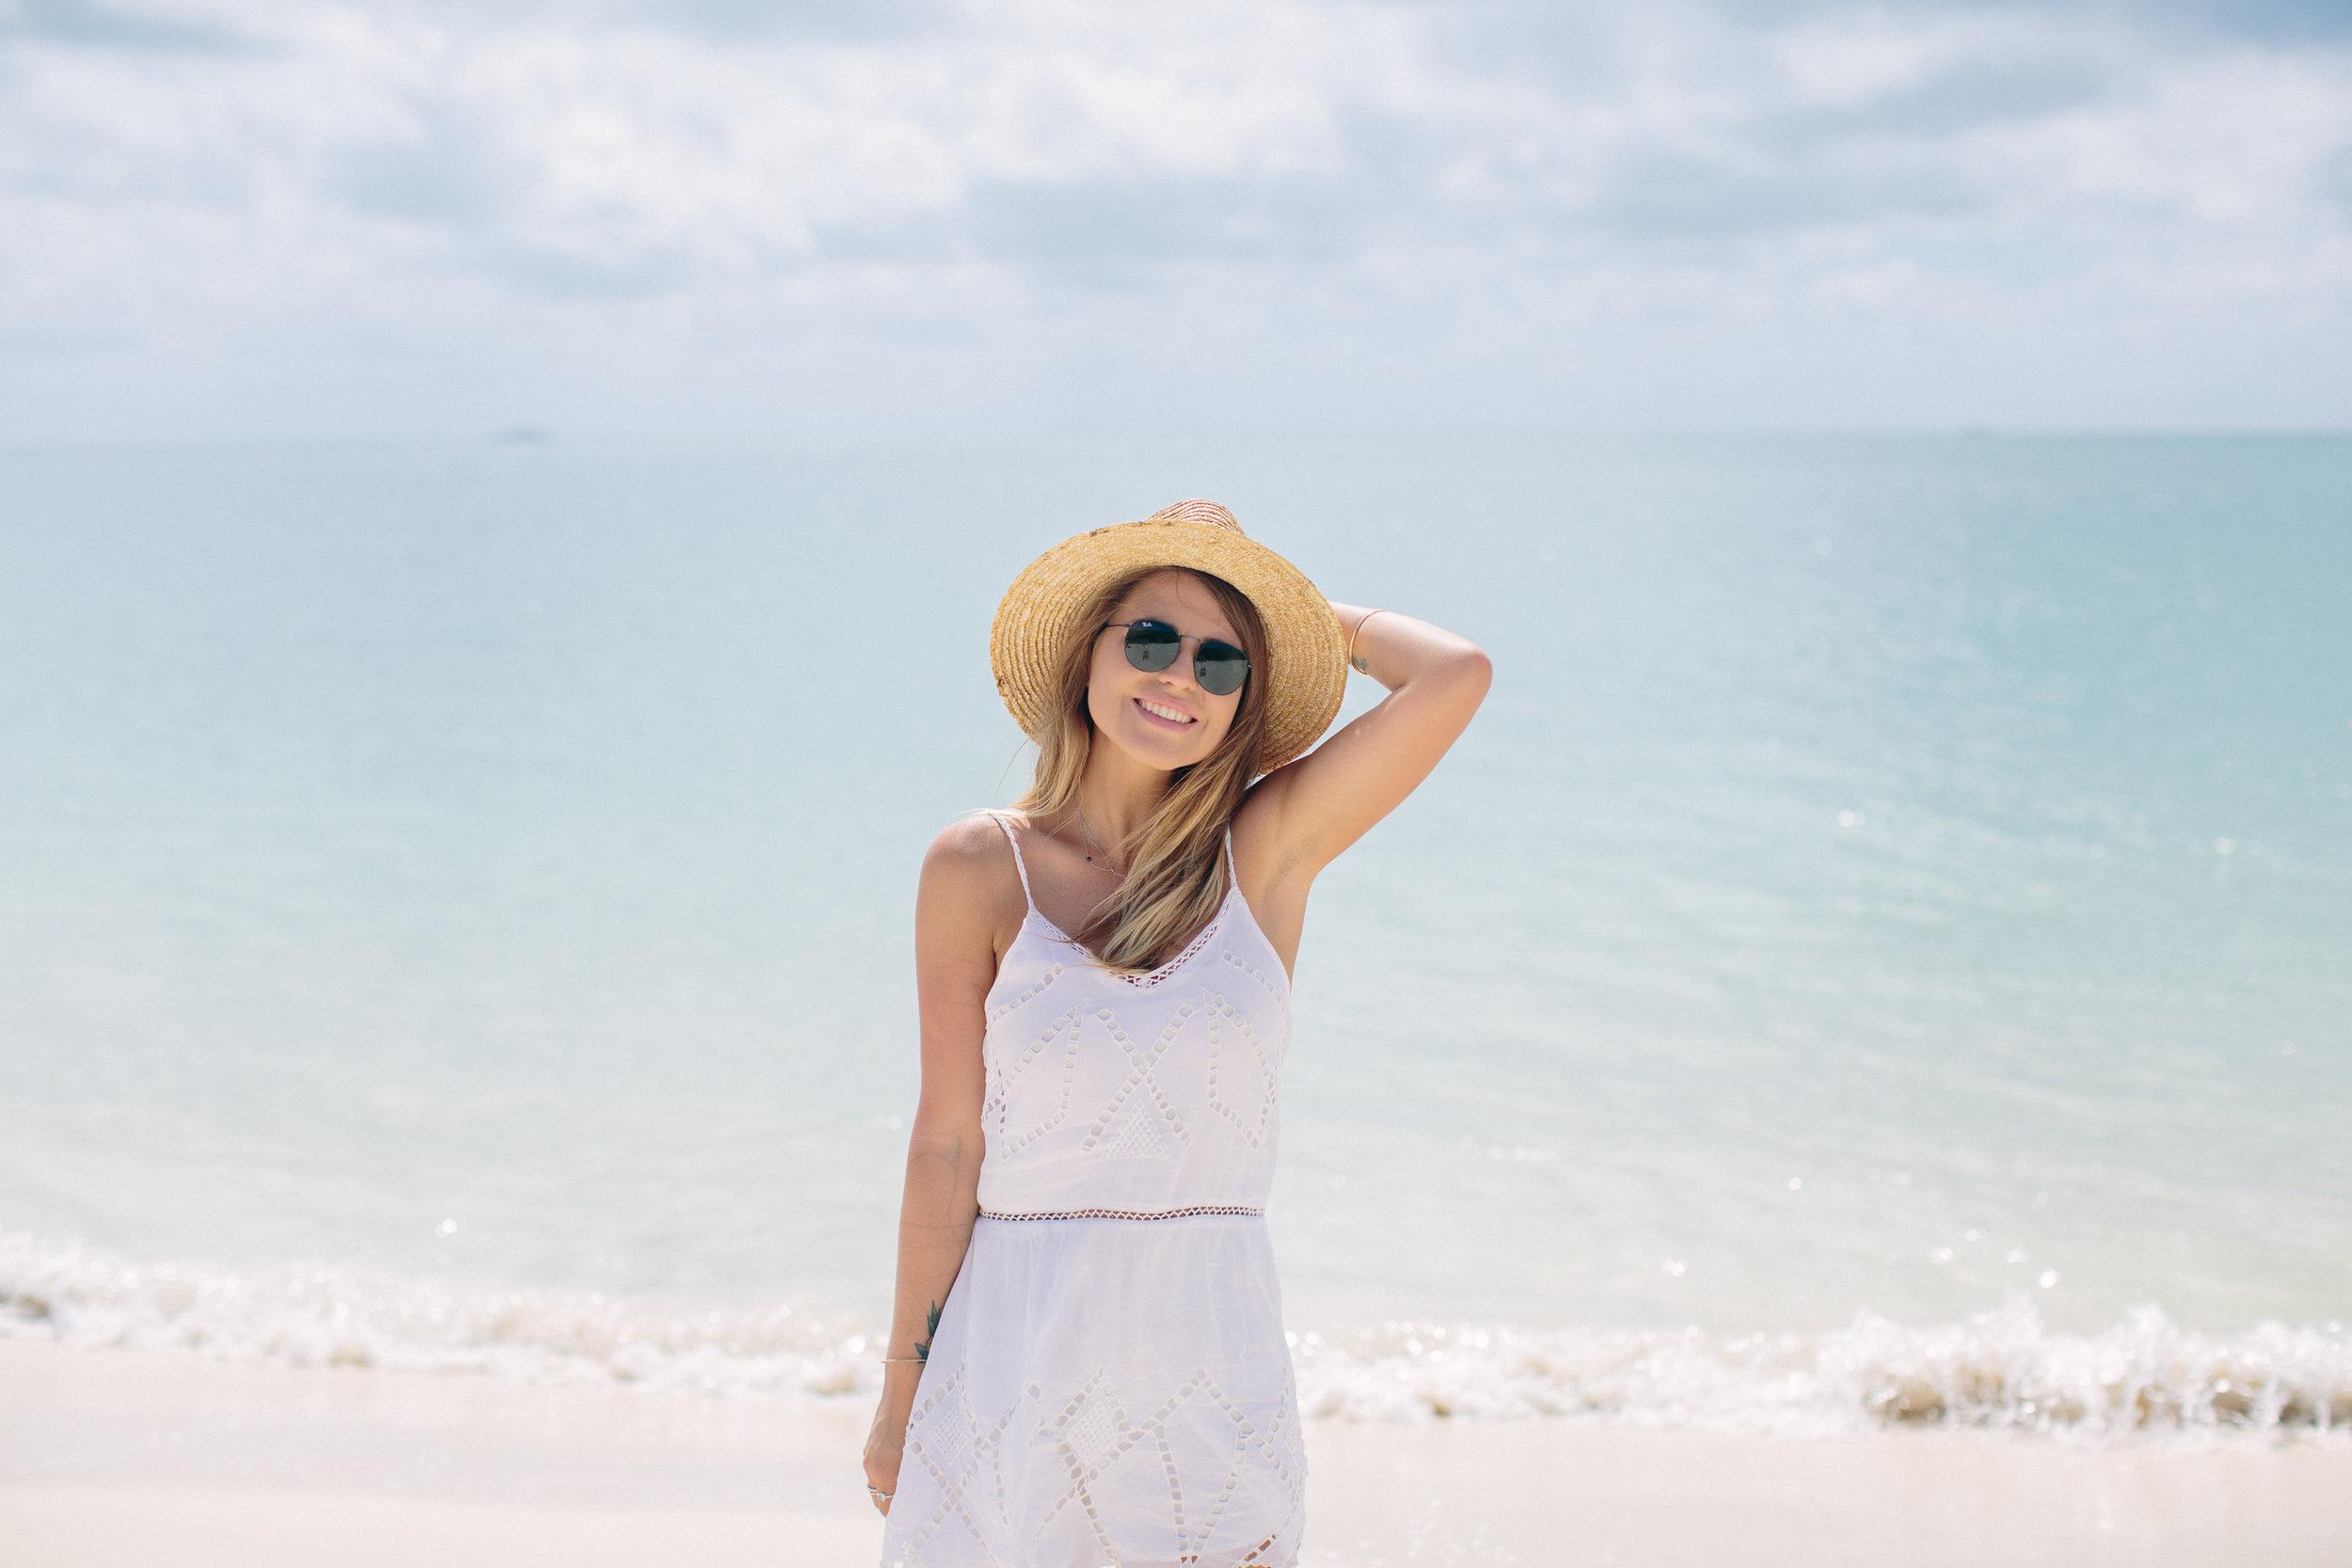 Melissa_Findley-TEQDrive-Blog-59